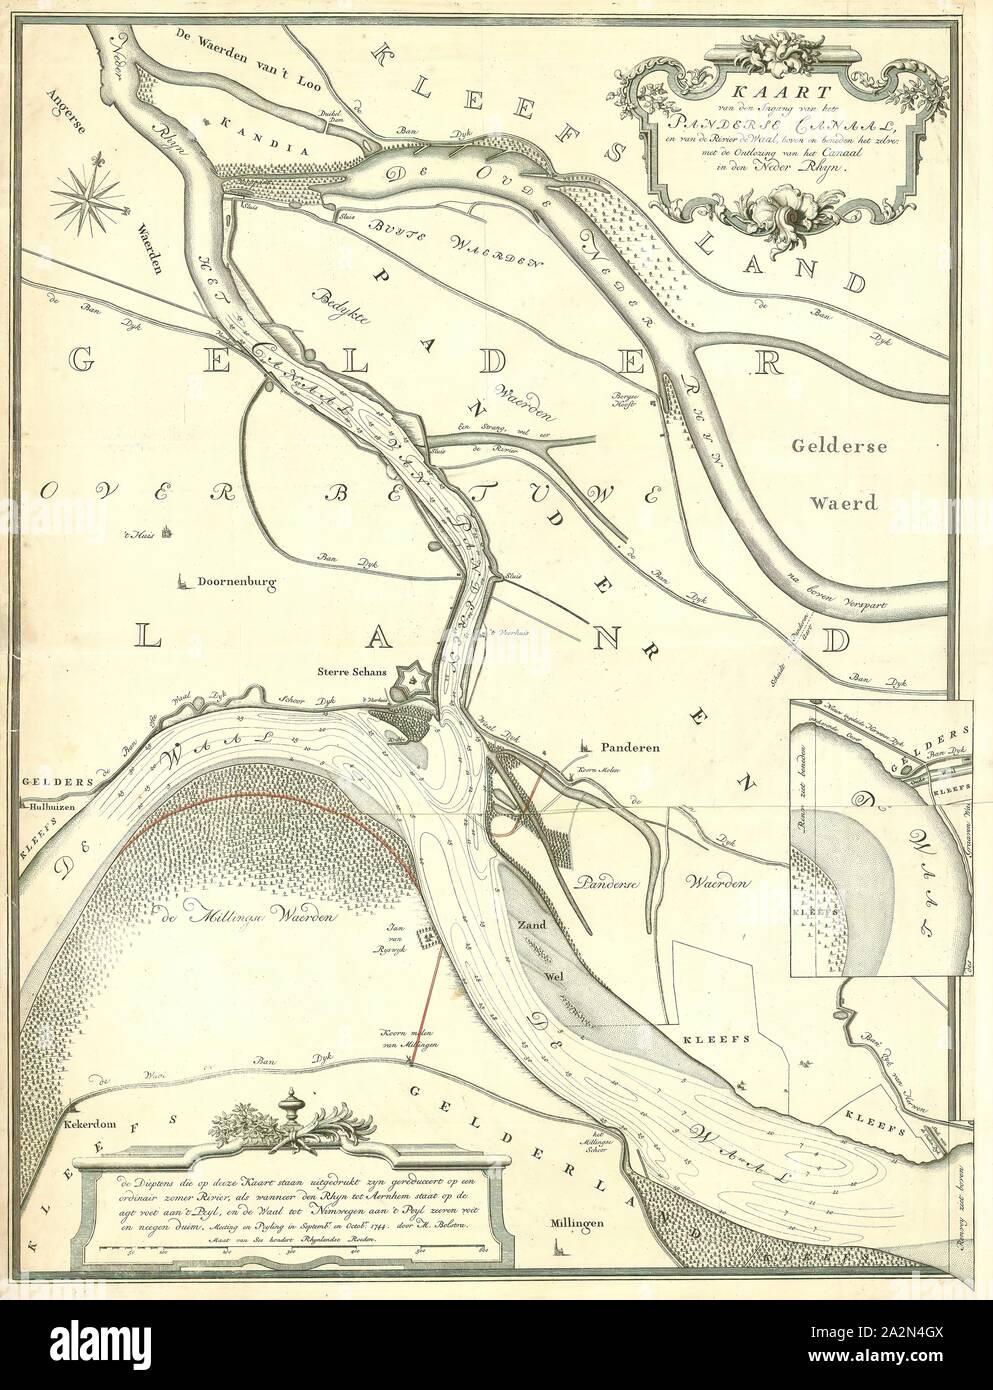 Map, Kaart van den ingang van het Panderse canaal, en van de rivier de Waal, boven en beneden het zelve, met de ontlozing van het canaal in den Neder Rhyn, Melchior Bolstra (1704-1779), Copperplate print Stock Photo